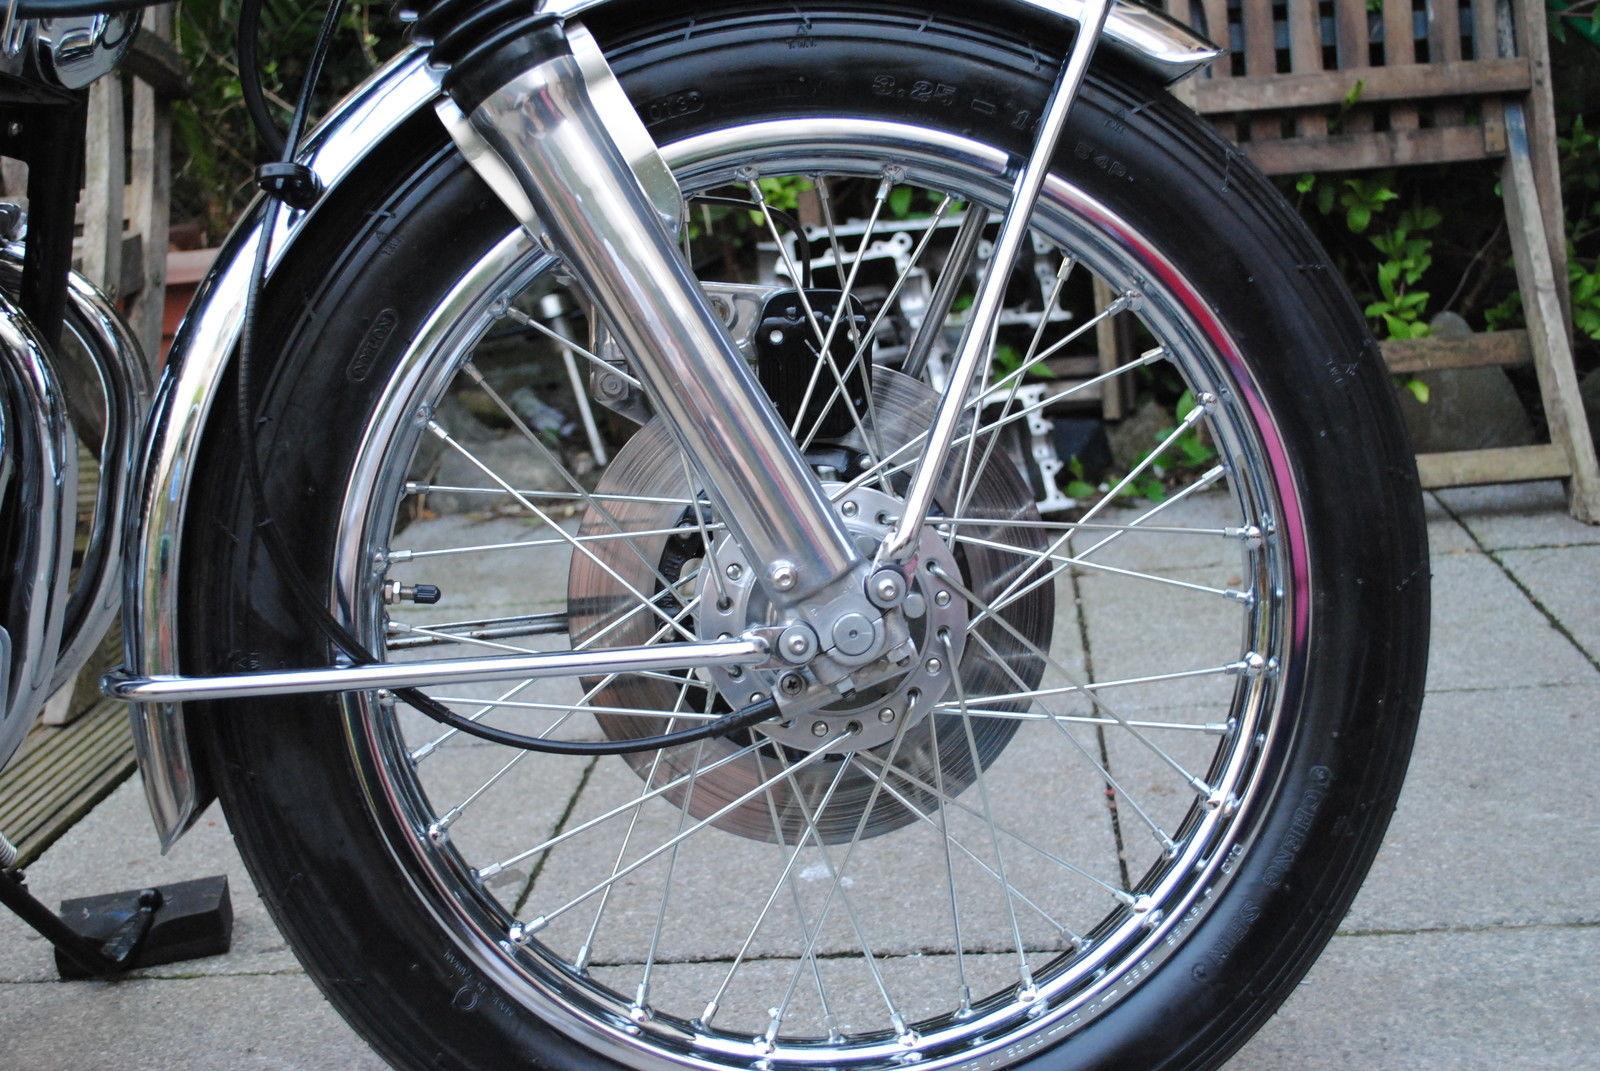 Honda CB500 Four - 1972 - Front Wheel, Spokes, Fork Bottoms, Disc Brake and Caliper.